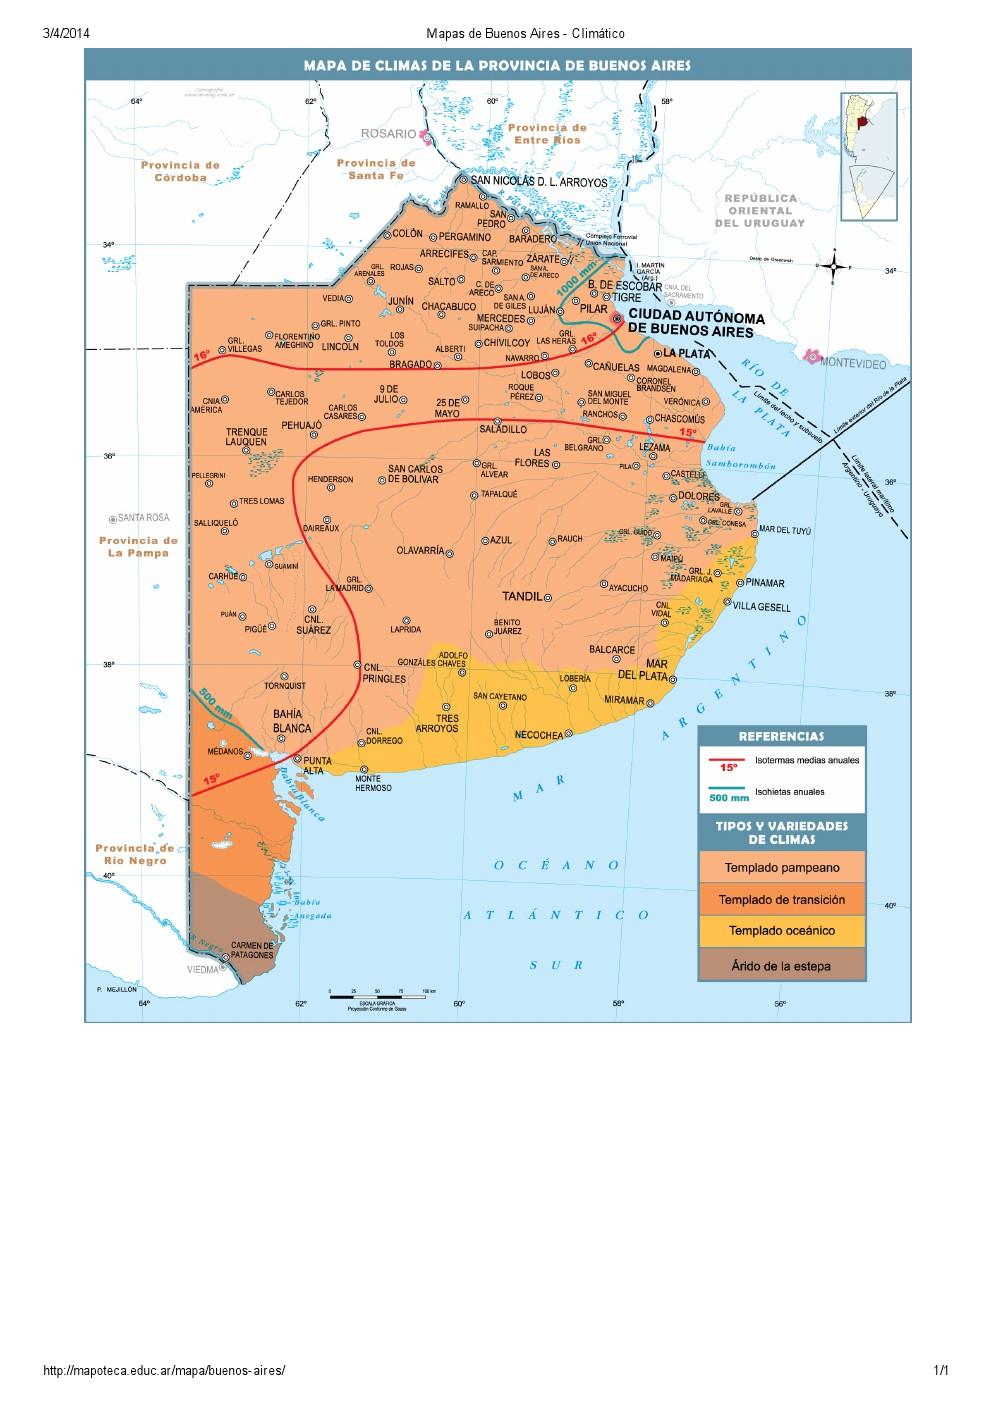 Mapa climático de Buenos Aires. Mapoteca de Educ.ar